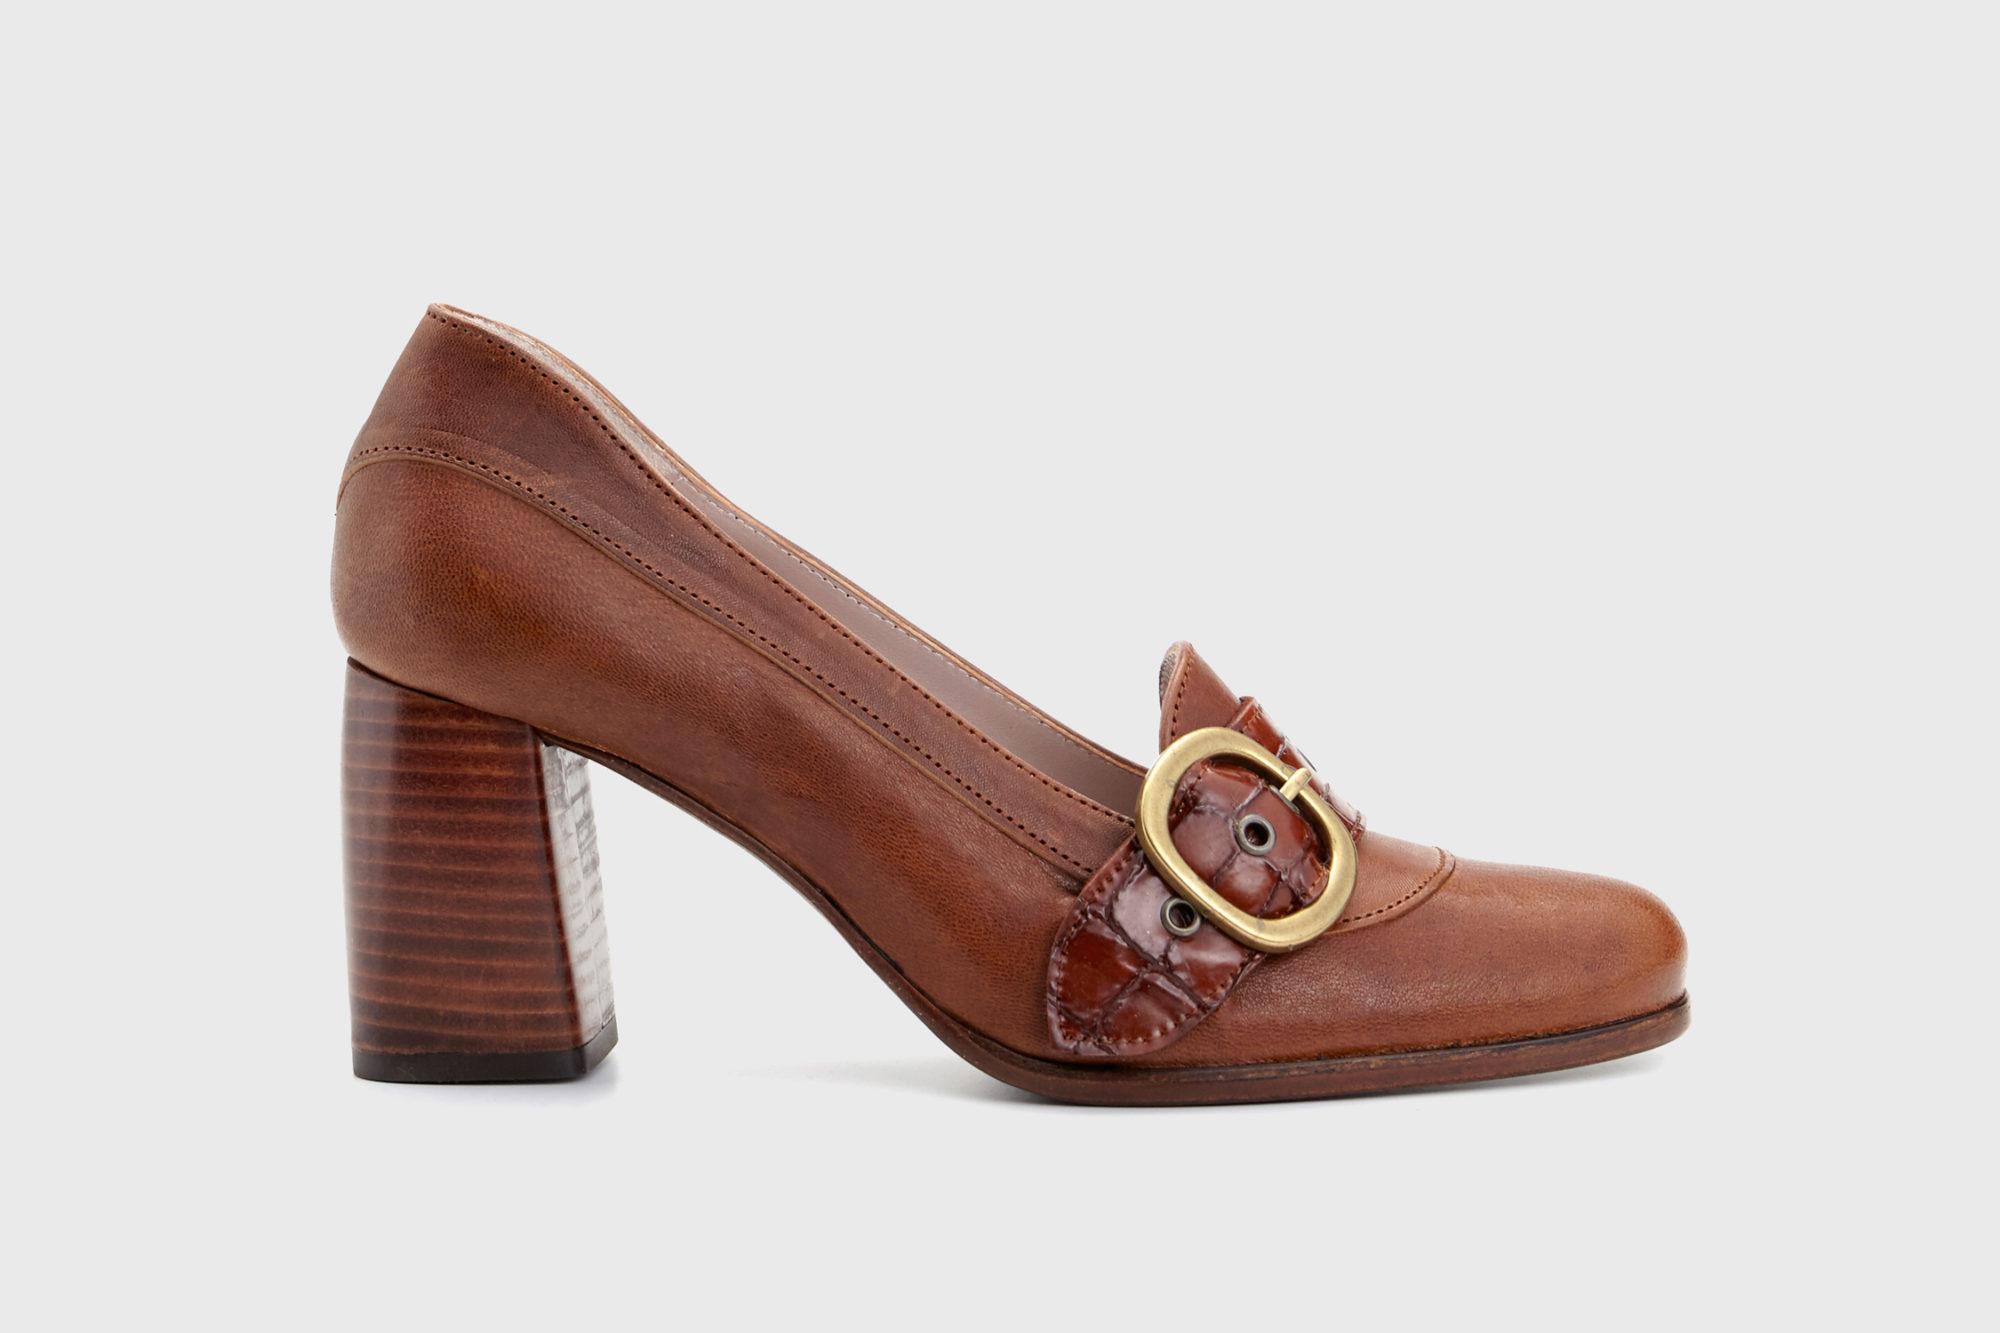 Dorotea zapato salón Juliette cuero fw18 perfil